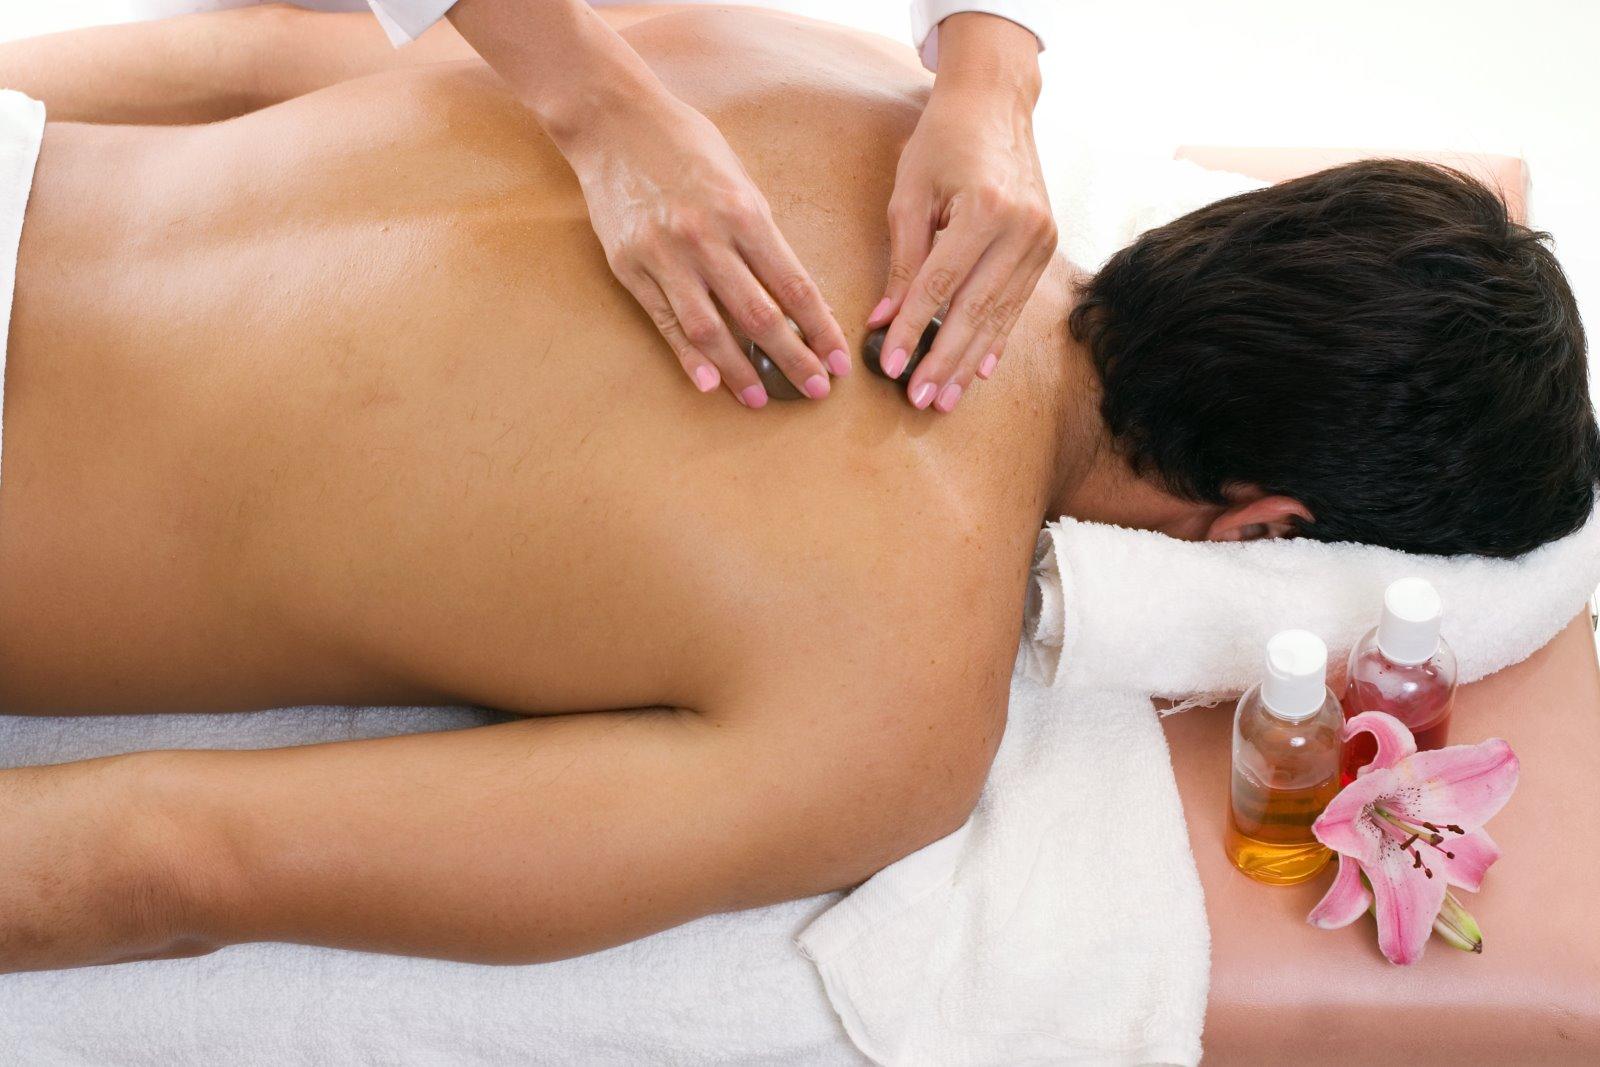 bøsse nettdating for voksne massage anal sex